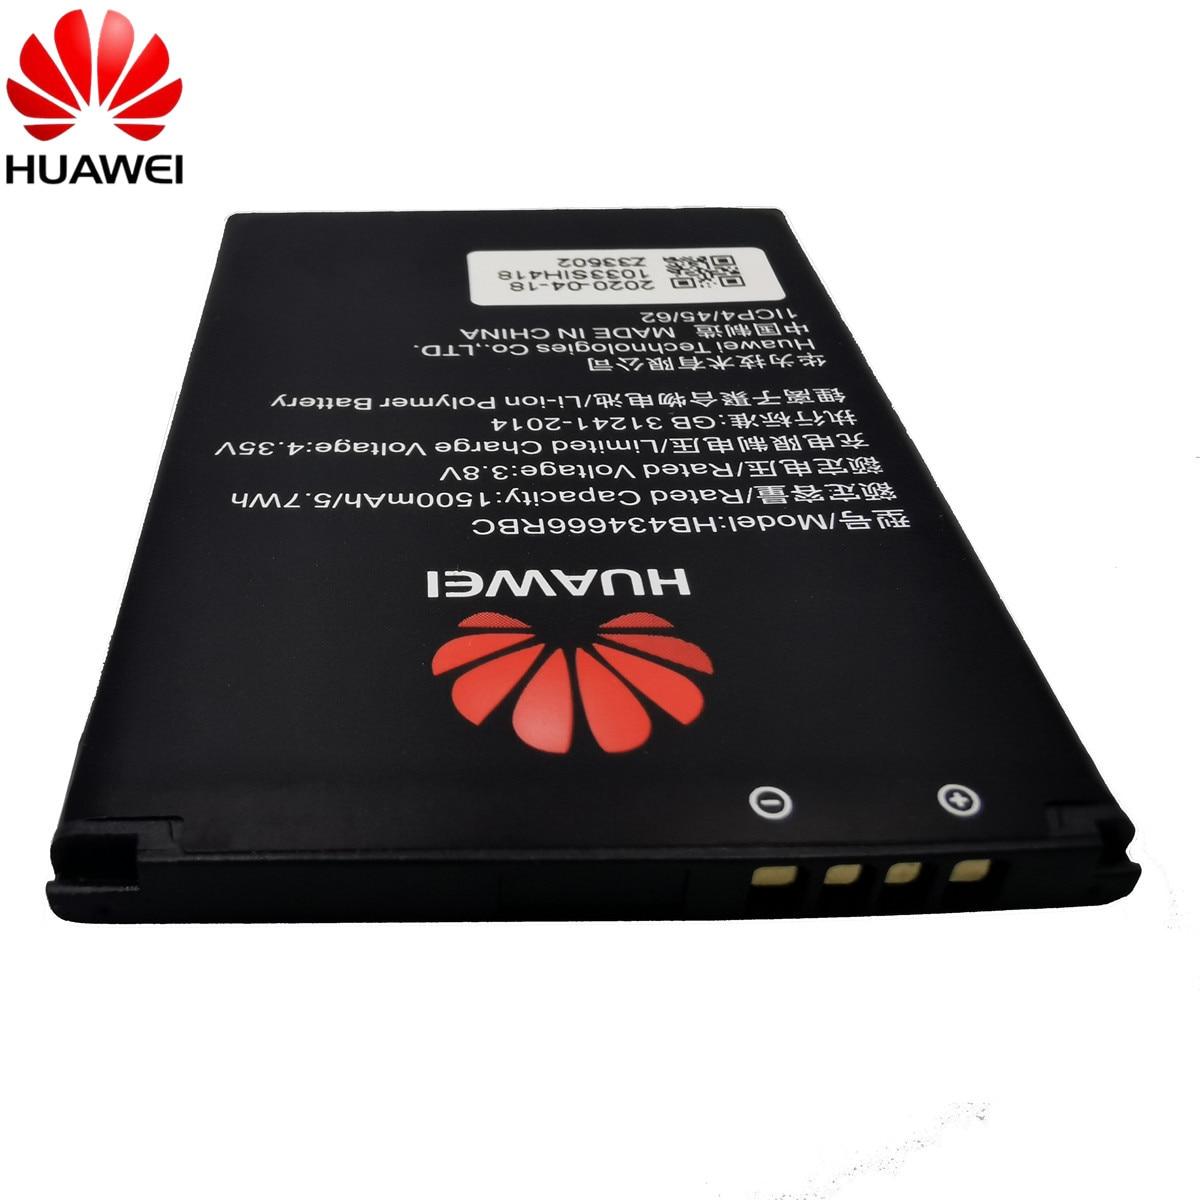 100% Original Battery HB434666RBC For Huawei Router E5573 E5573S E5573s-32 E5573s-320 E5573s-606 -806 High Capacity 1500mAh 5